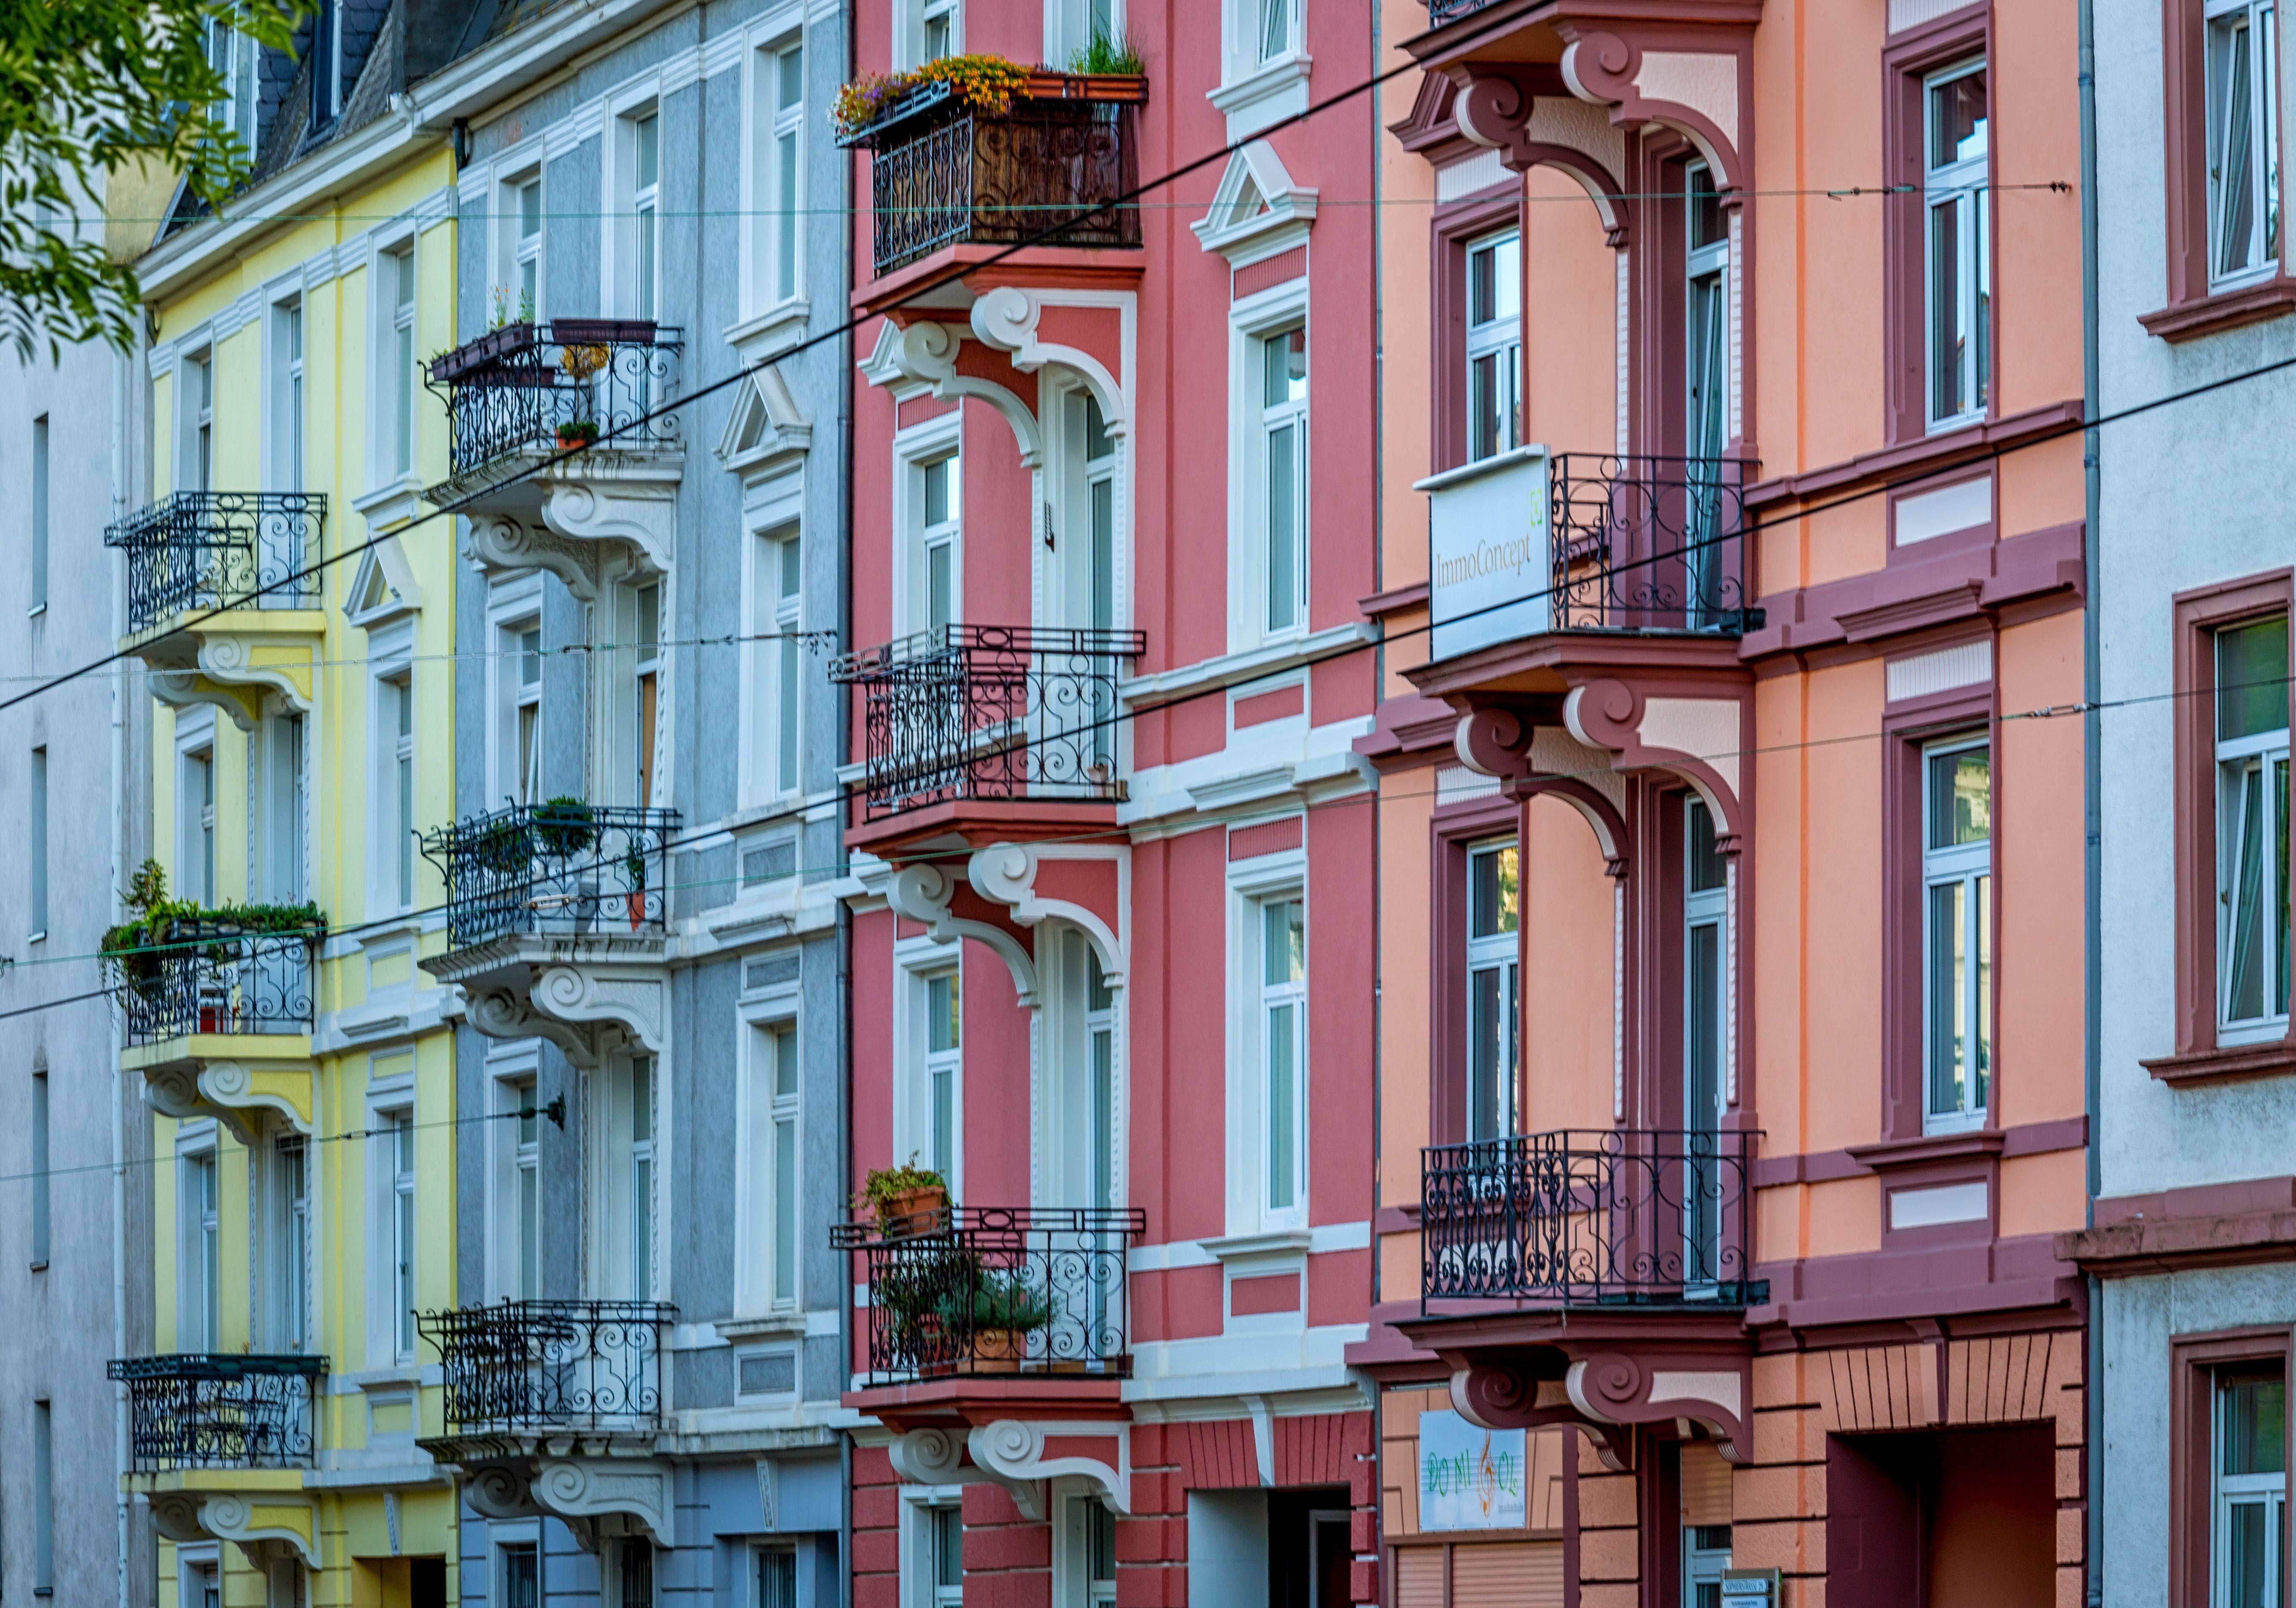 wohnen leben nachbarschaft lifestyle bockenheim bockenheim in frankfurt am main hessen. Black Bedroom Furniture Sets. Home Design Ideas